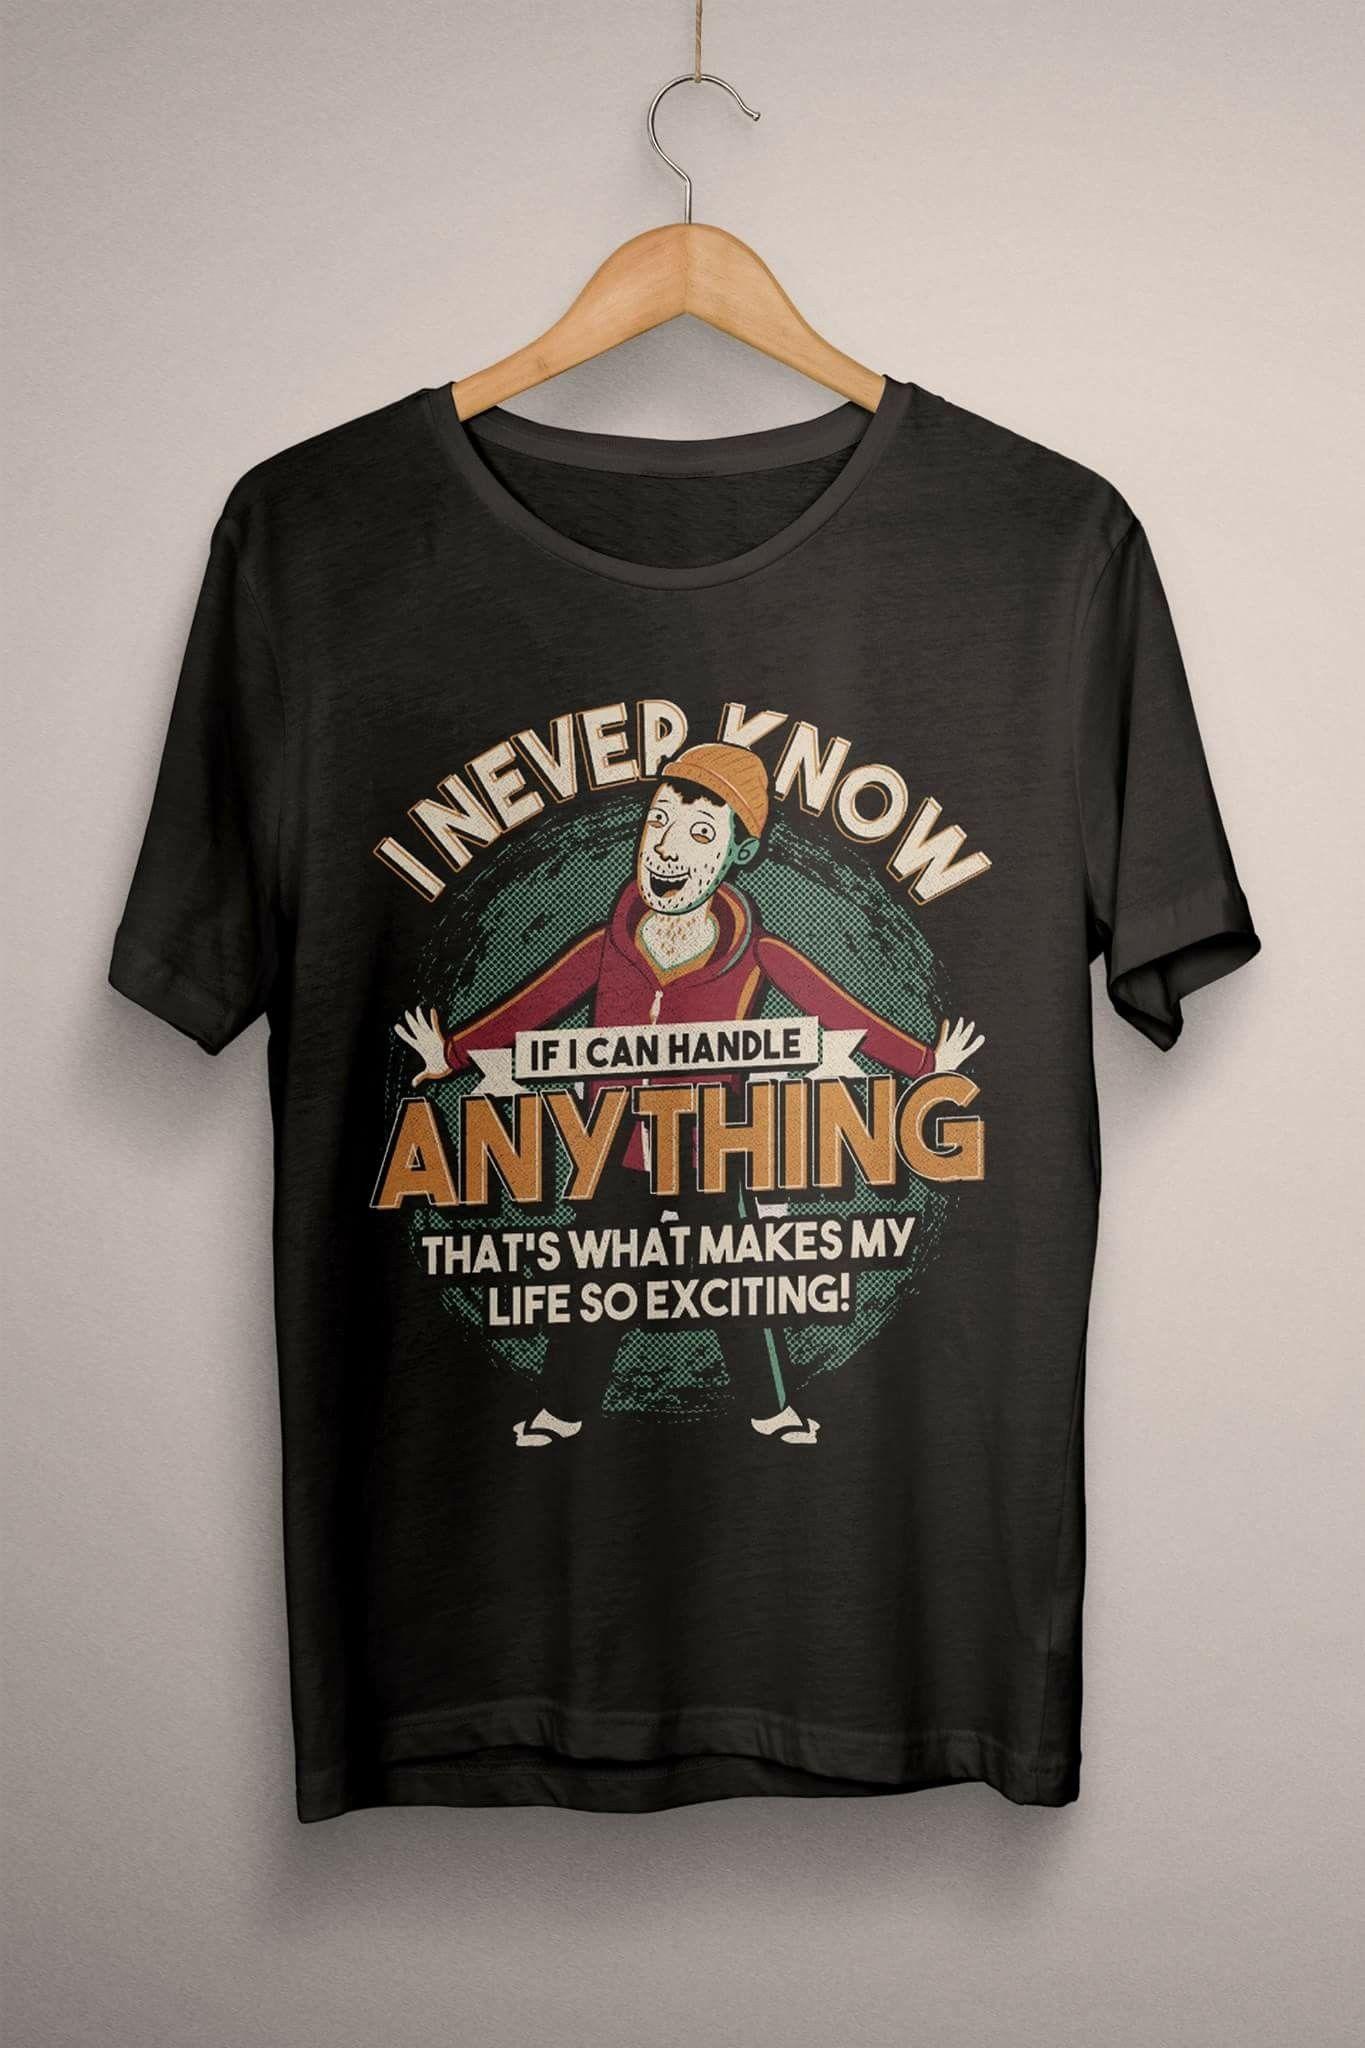 ed05a9657 Todd Bojack Horseman Shirt Camisetas Con Frases